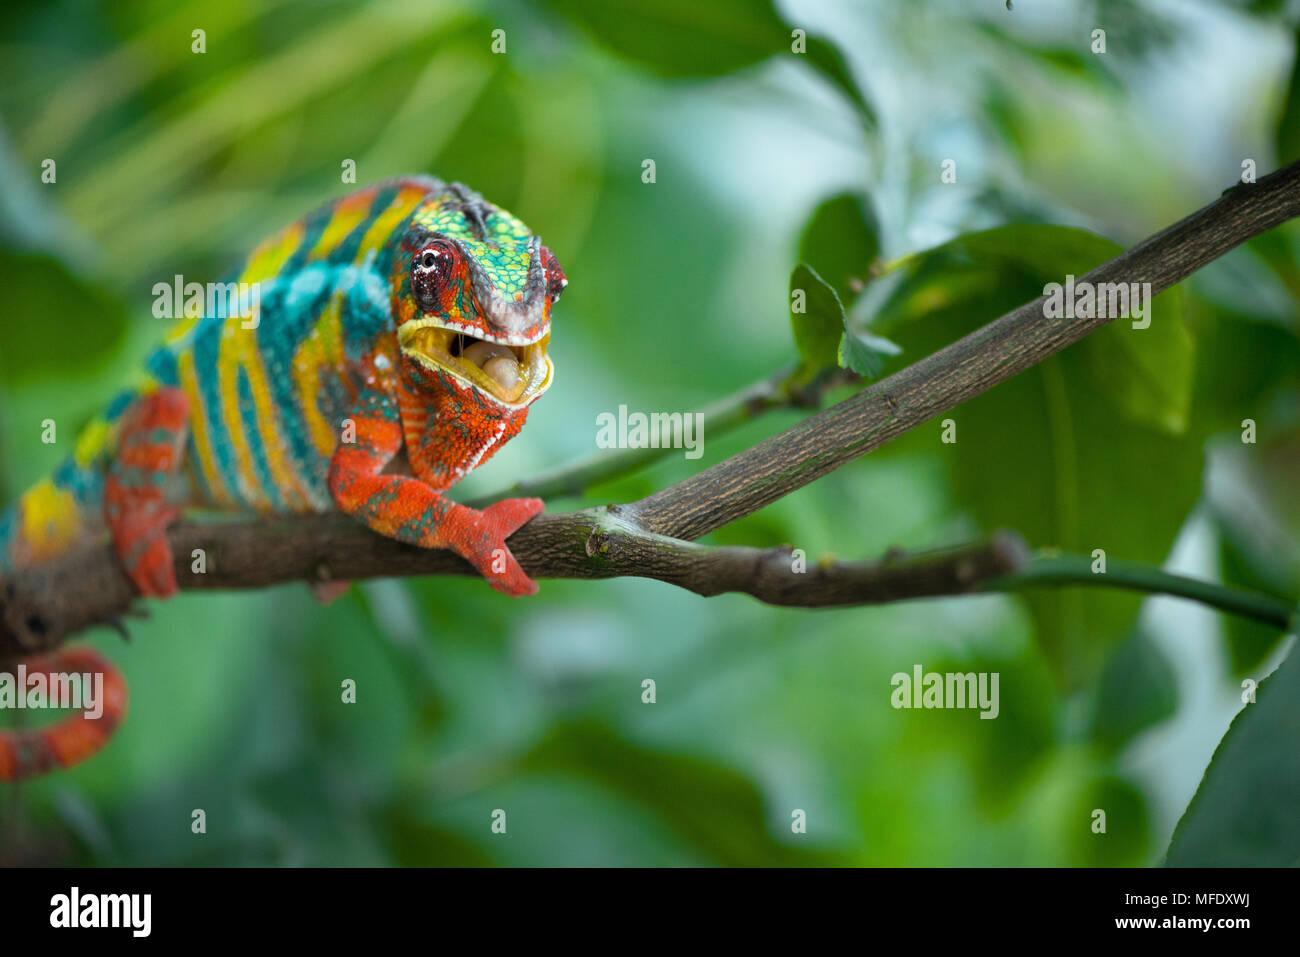 Panther chameleon con colori brillanti su un ramo / colorate chameleon / Furcifer pardalis / Chameleon aprire mese / Madagascar wildlife Immagini Stock